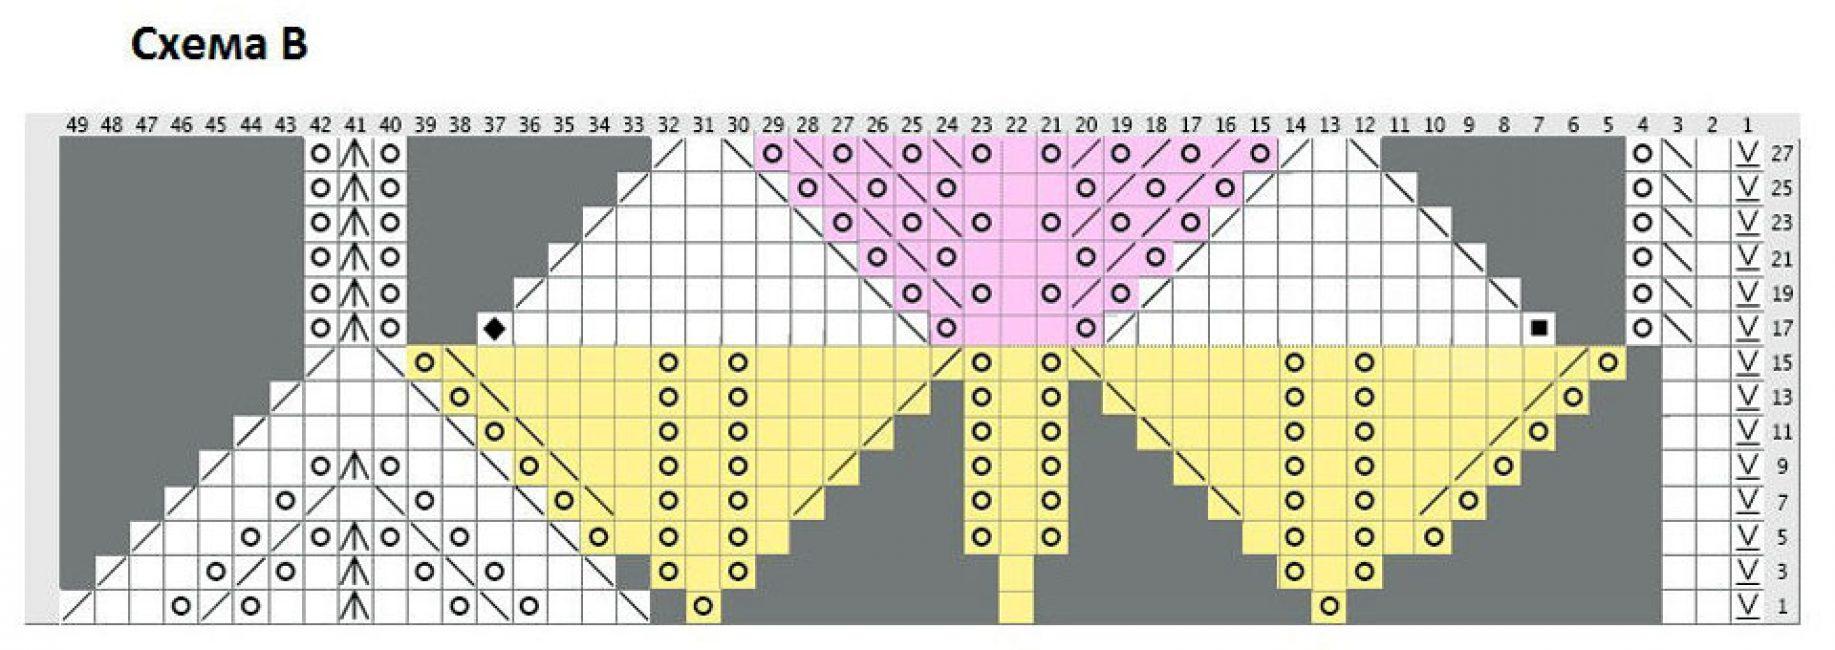 Для схемы №2 действительны те же обозначения, что и для схемы №1